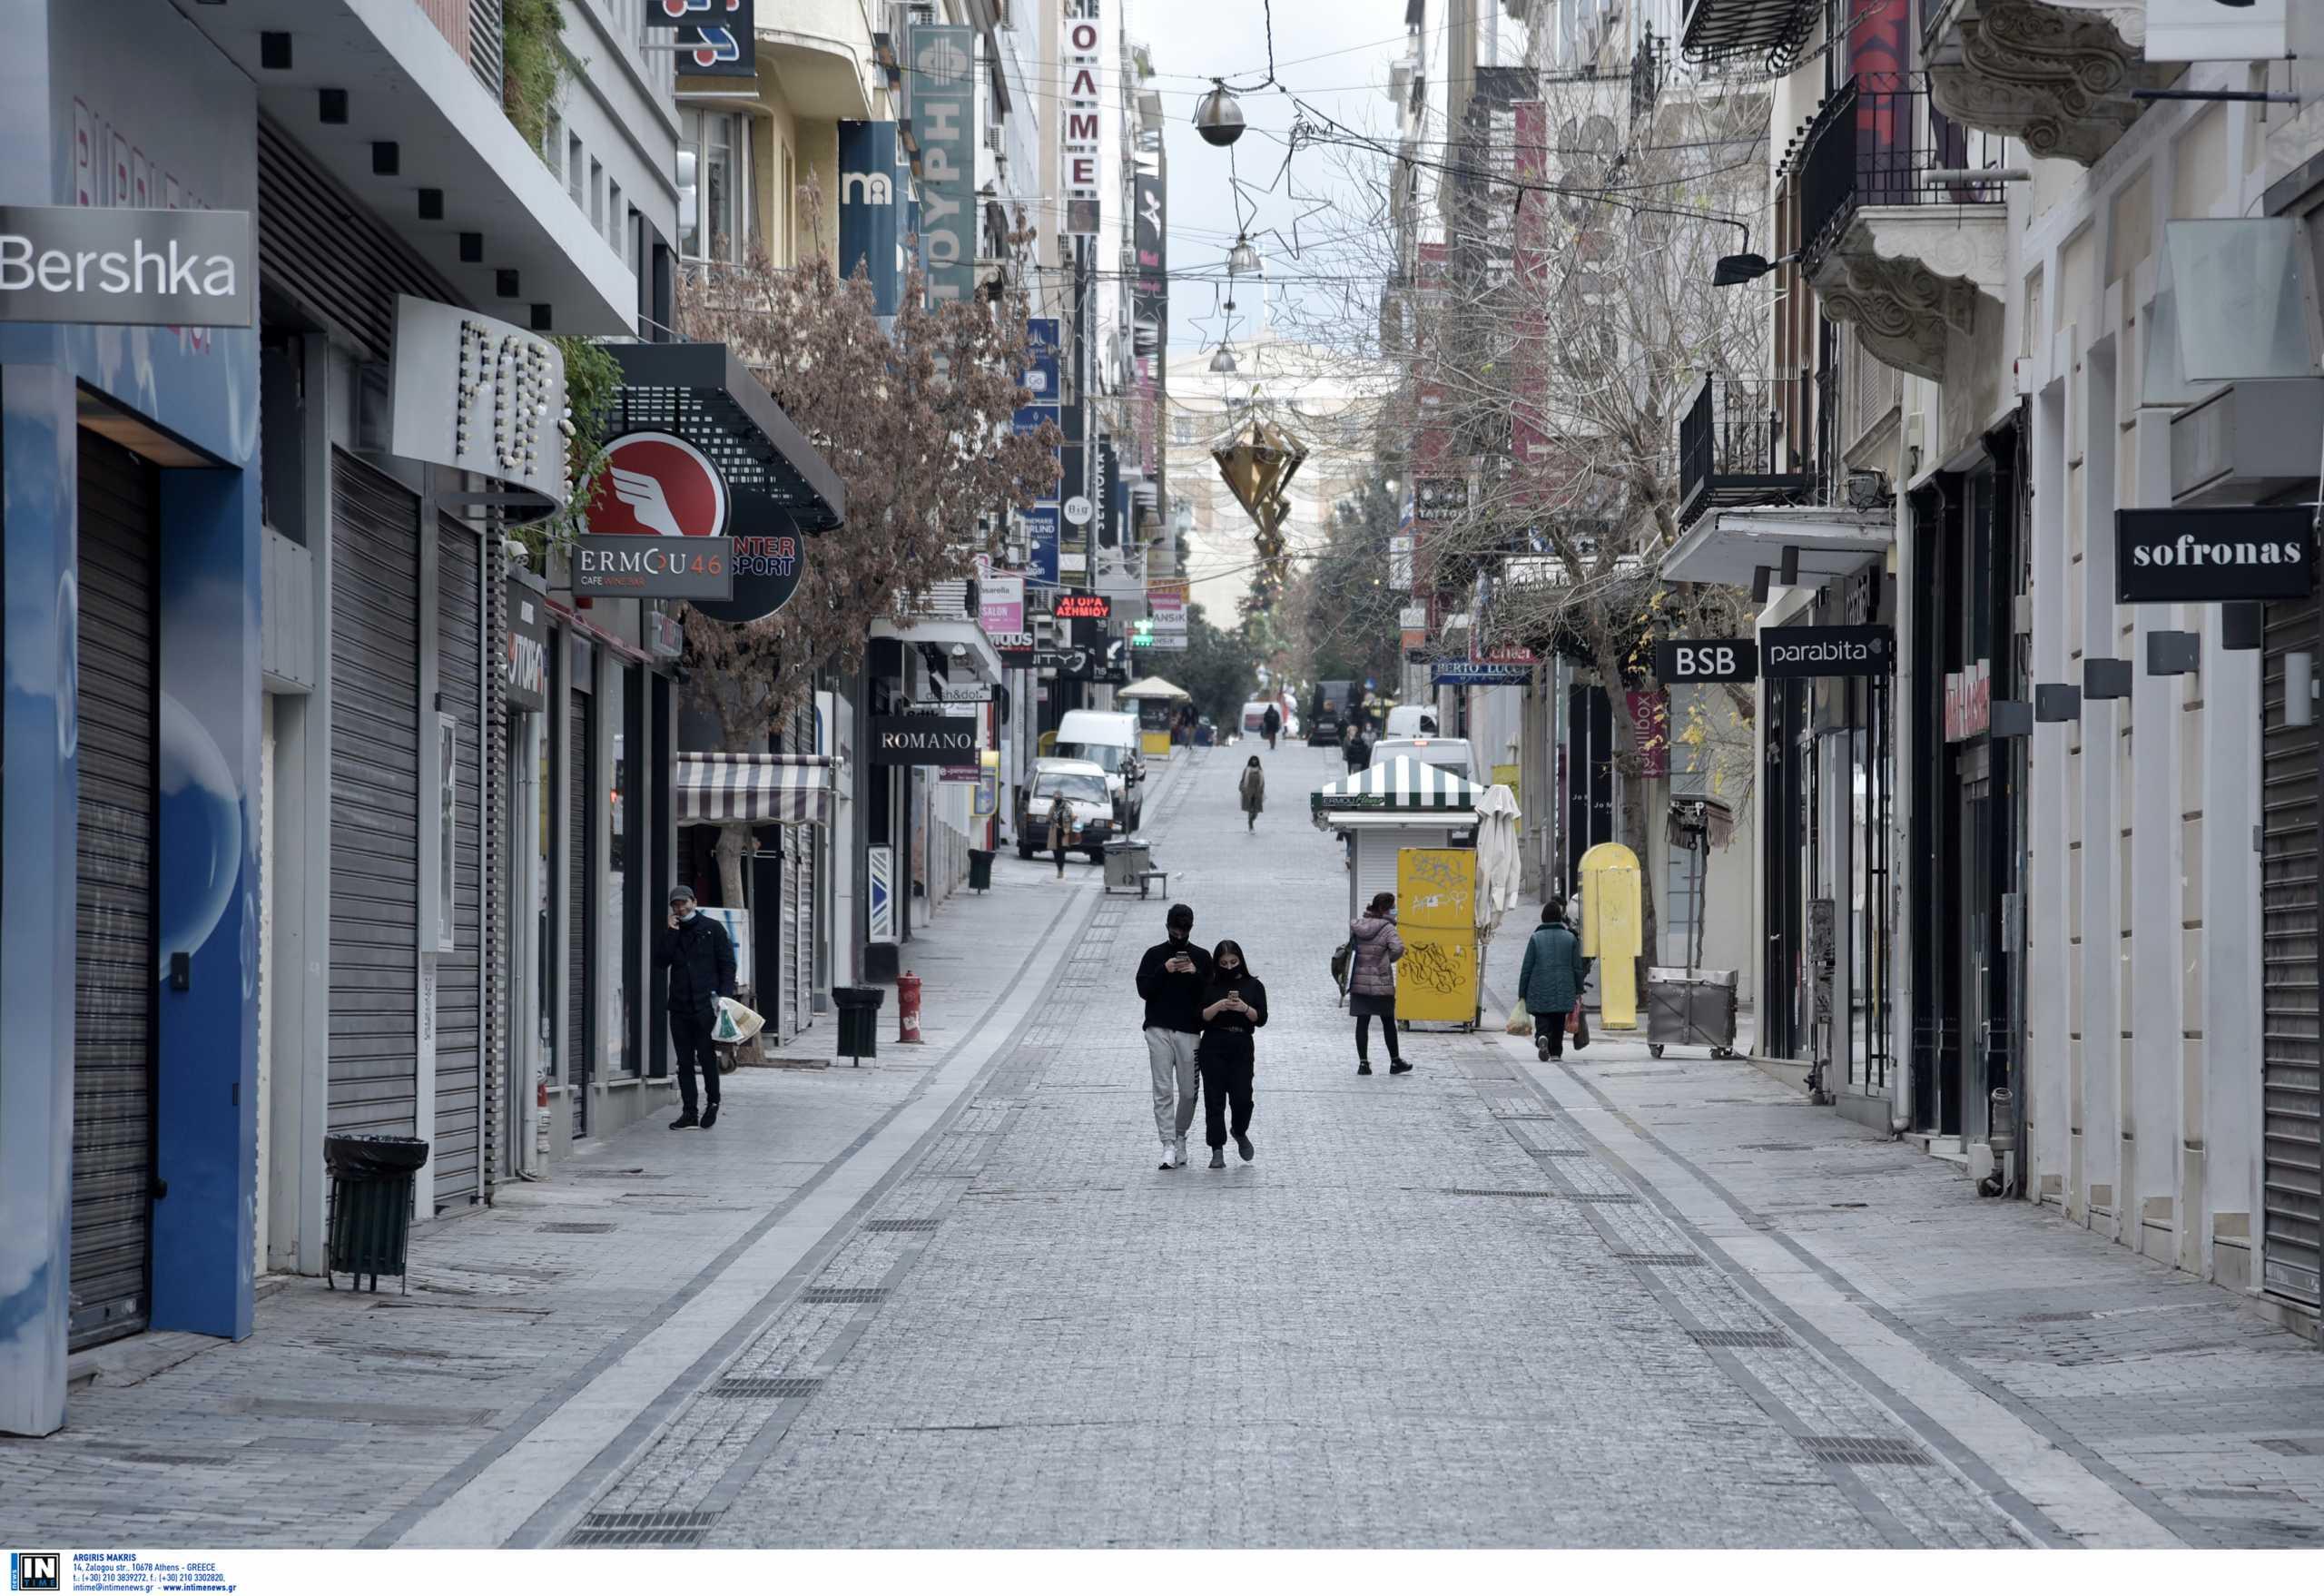 Κορονοϊός: Αναμένεται αύξηση των κρουσμάτων – Σκέψεις για νέα τοπικά lockdown